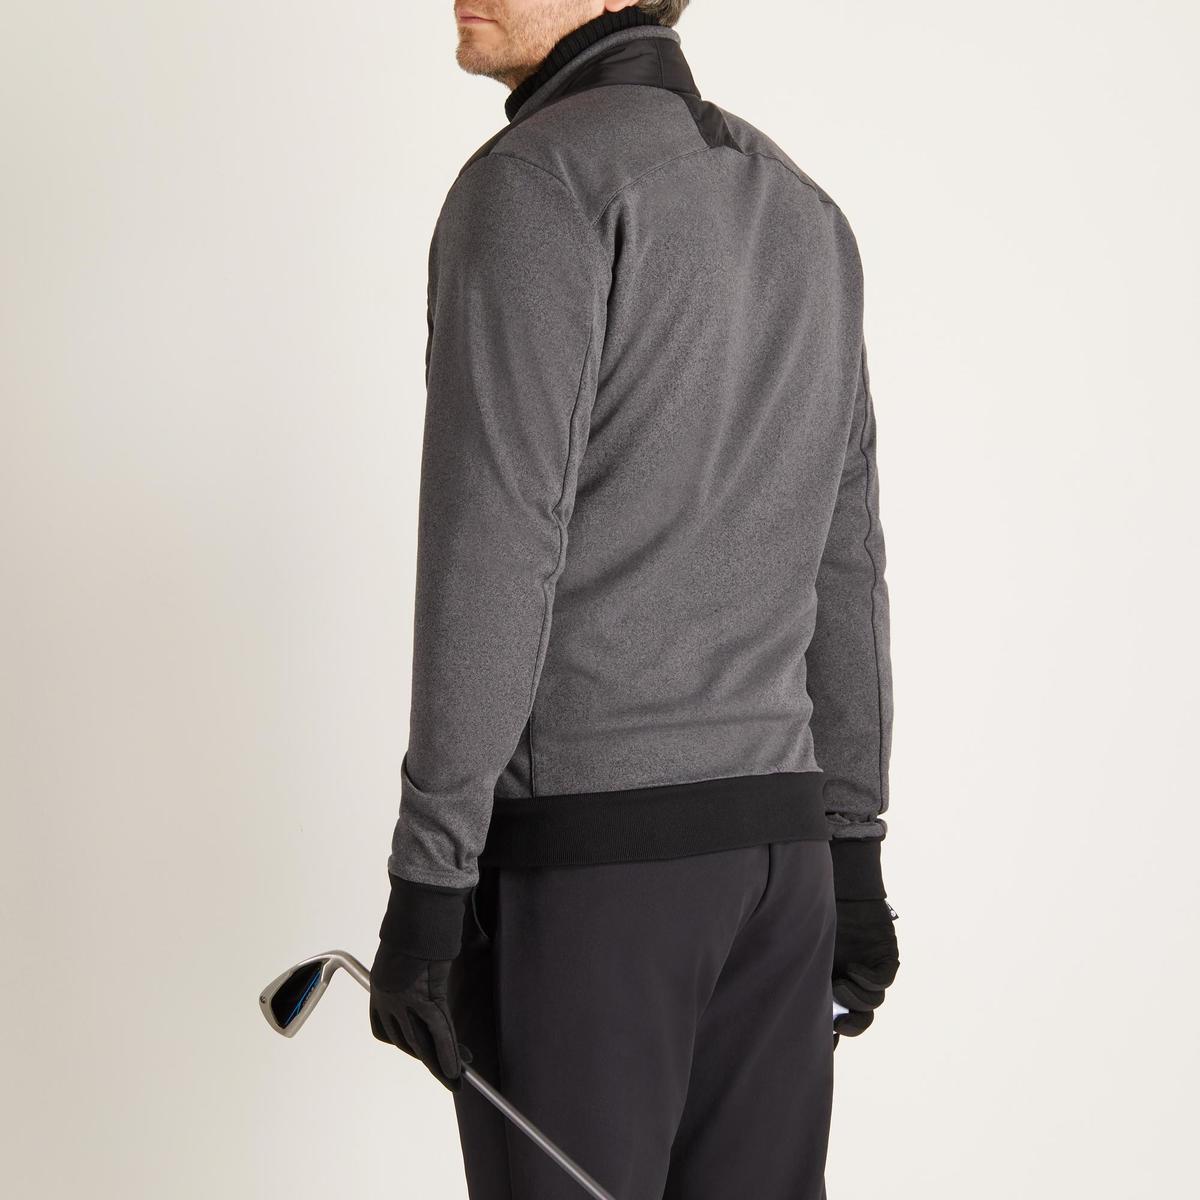 Bild 5 von Golf Wattierte Jacke kühle Witterungen Herren schwarz